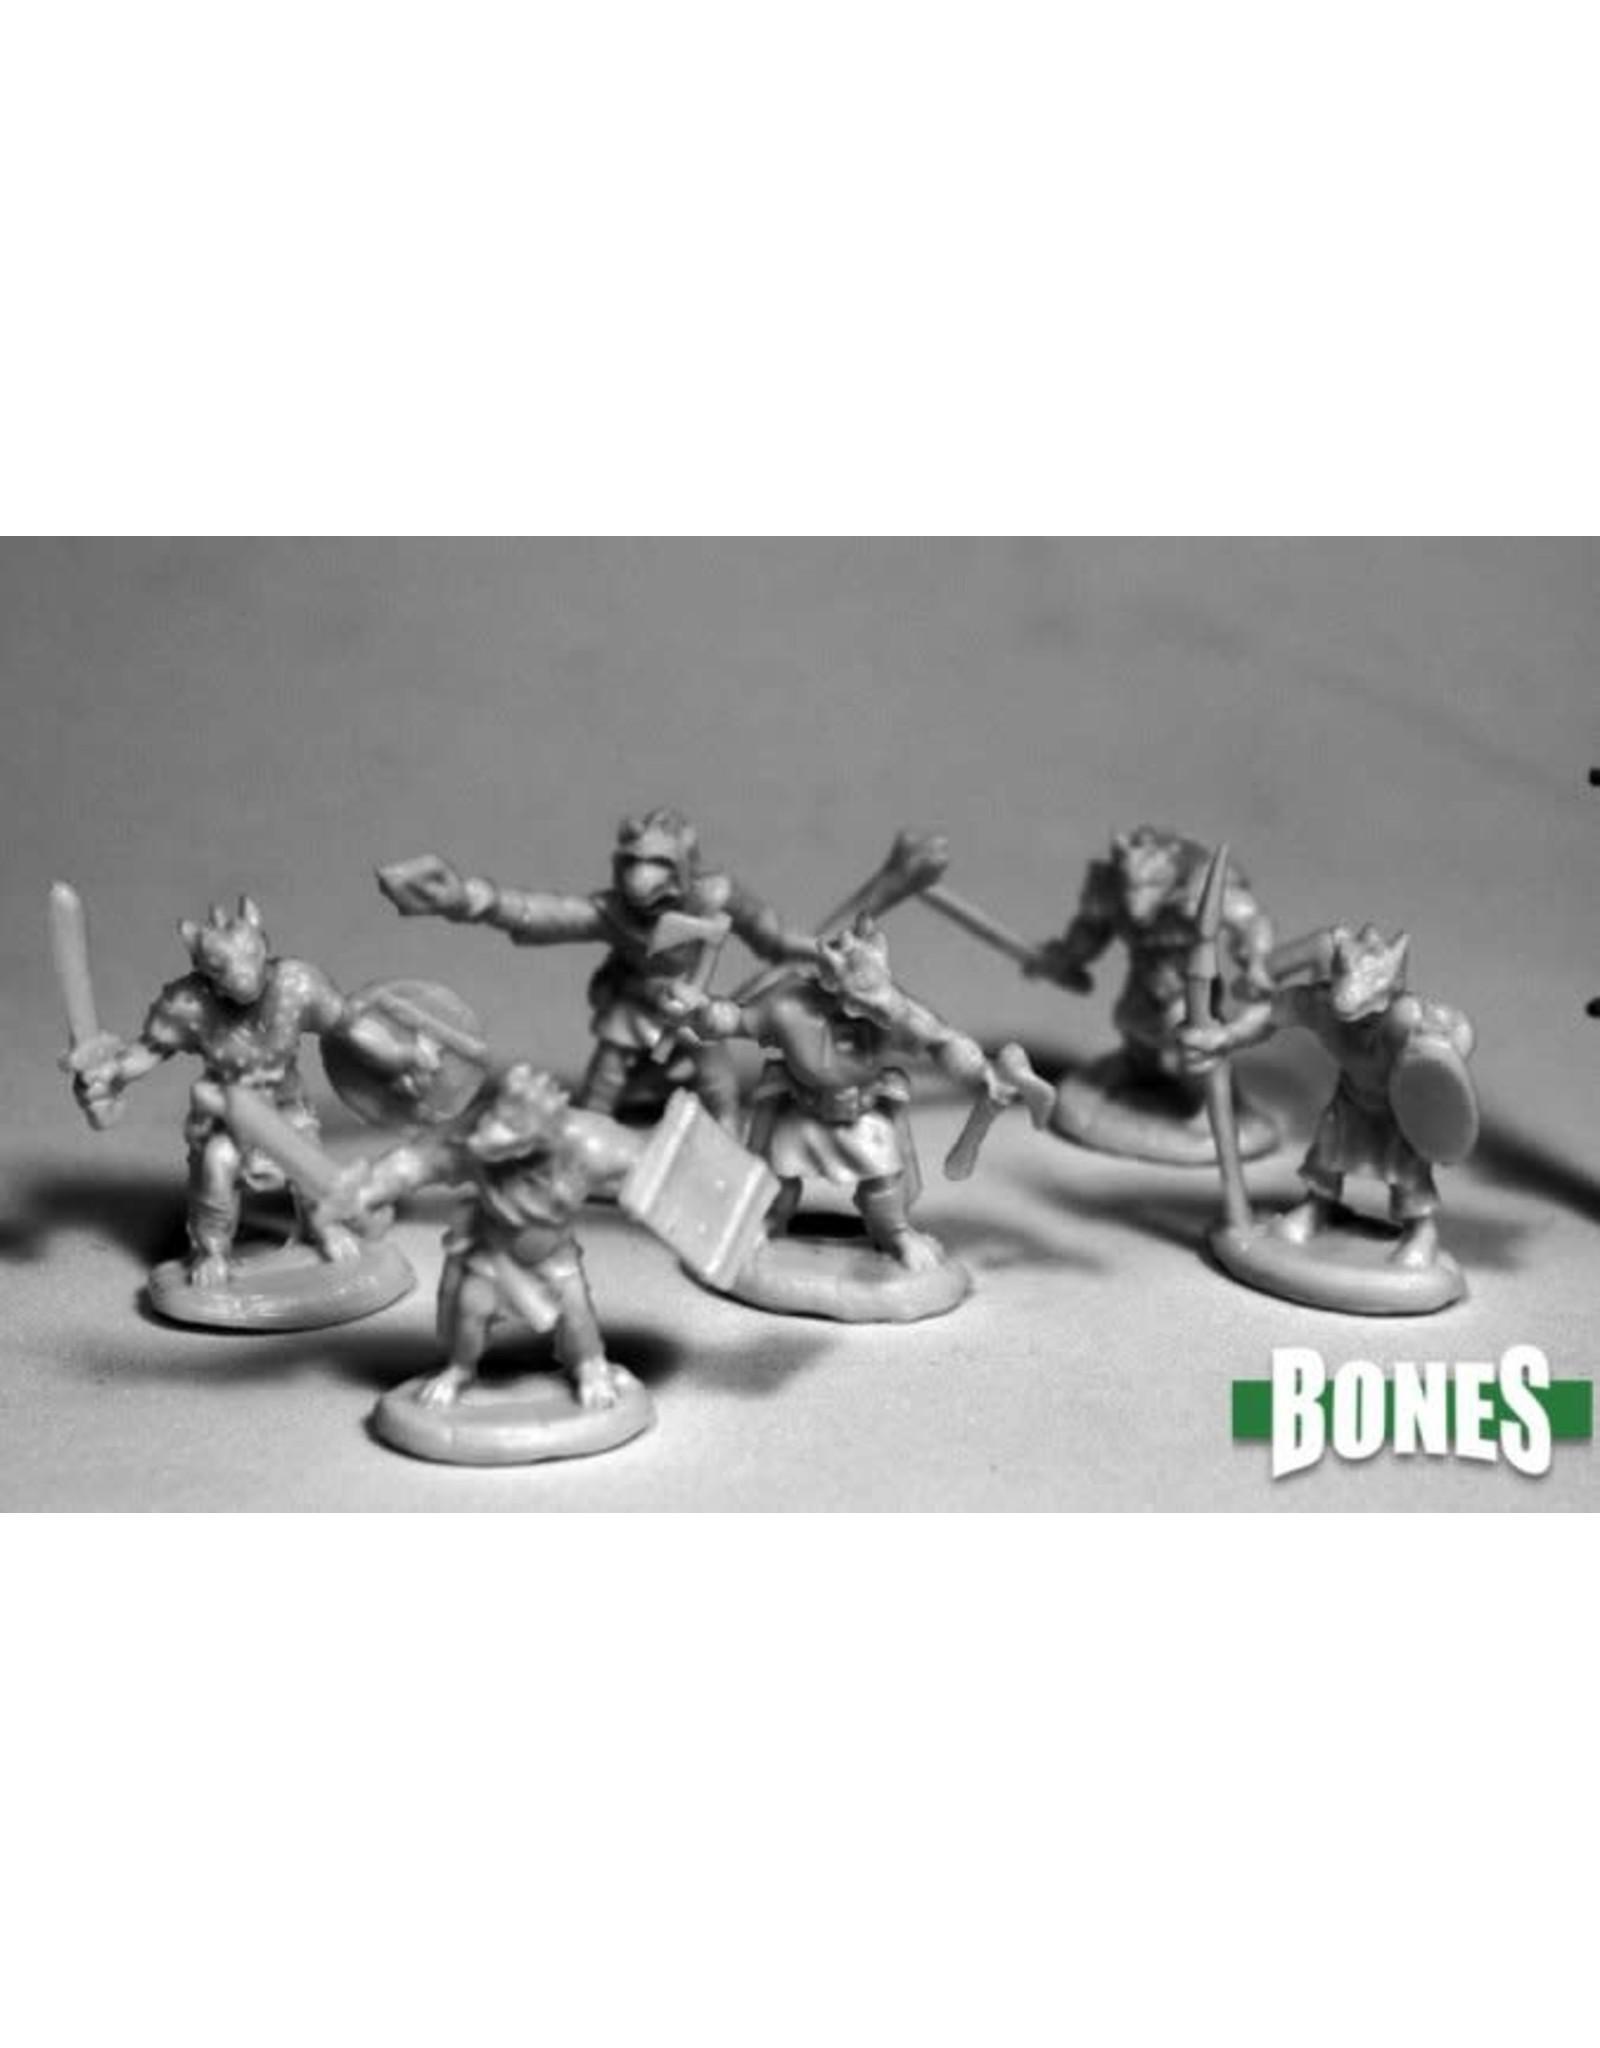 Reaper Miniatures Bones: Kobolds 2 (6)